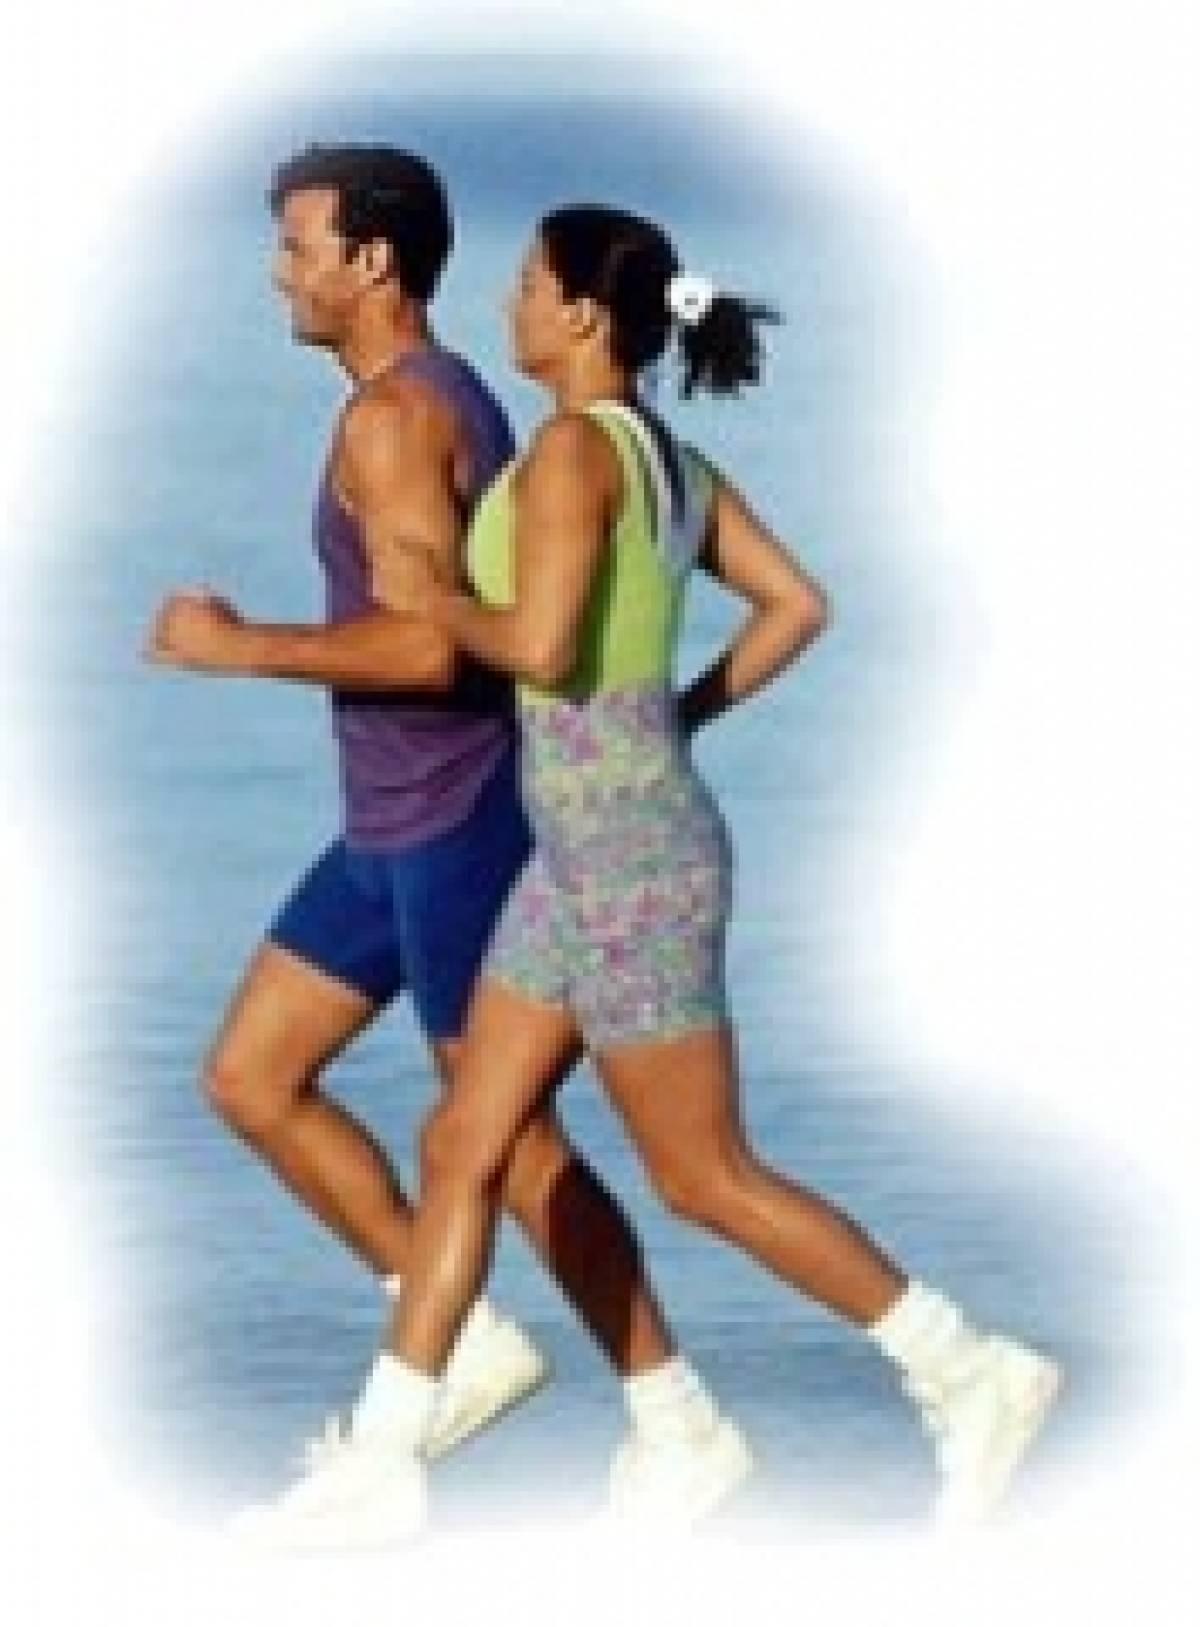 Saúde: Atividade física diminui velocidade do envelhecimento